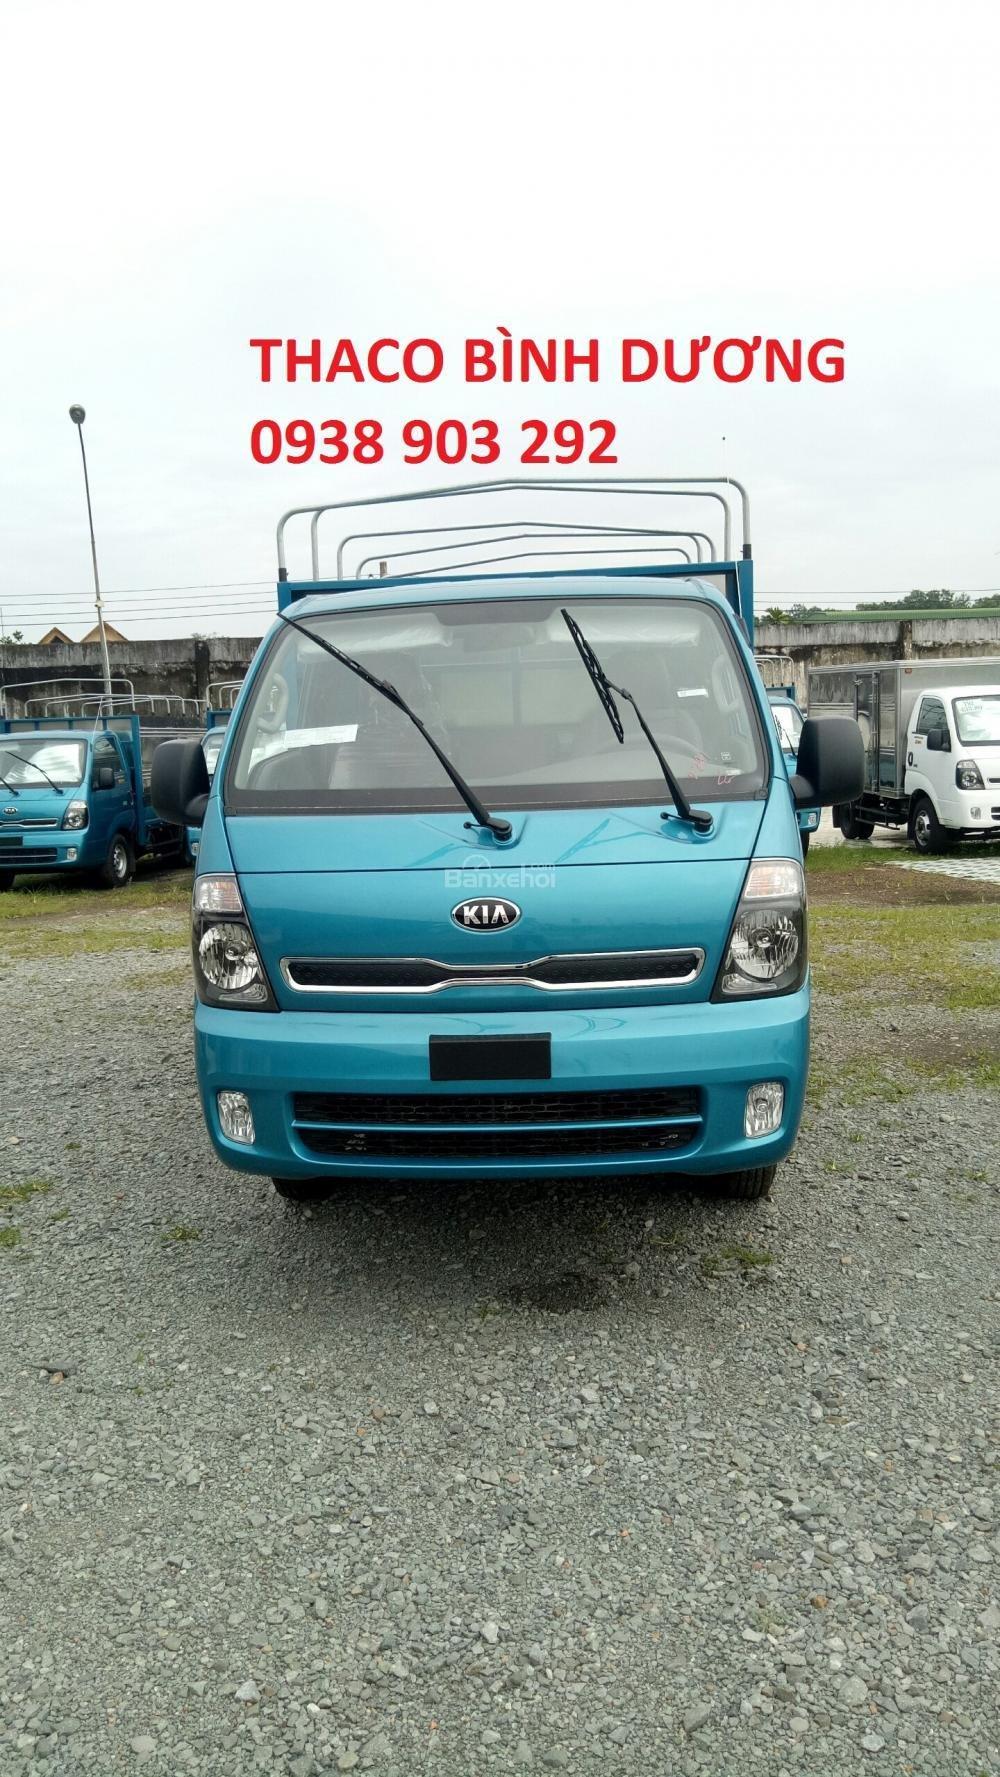 Cần bán xe tải Thaco Kia K250 thùng mui bạt 2490kg, mới 100% tại Bình Dương, giá chỉ 367 triệu, liên hệ 0938903292 (4)